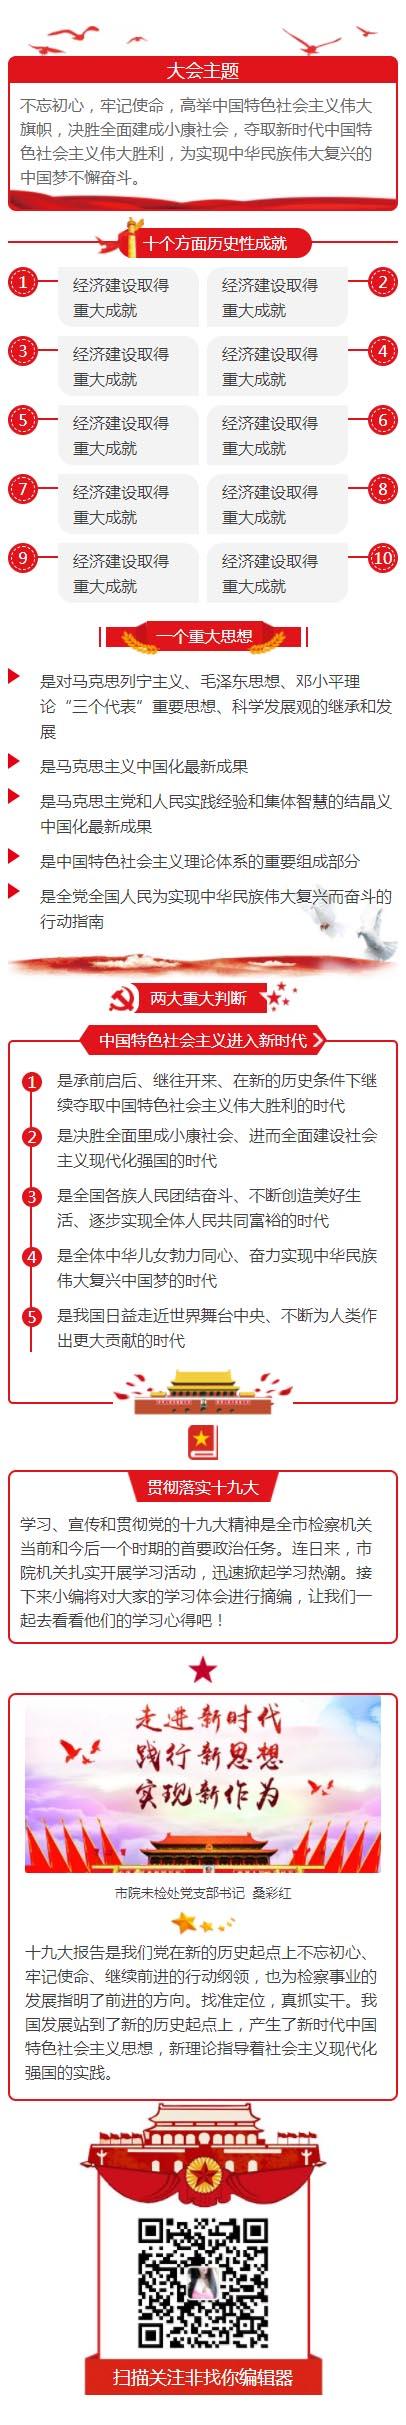 中国特色社会主义中国梦中华民族伟大复兴党政风格